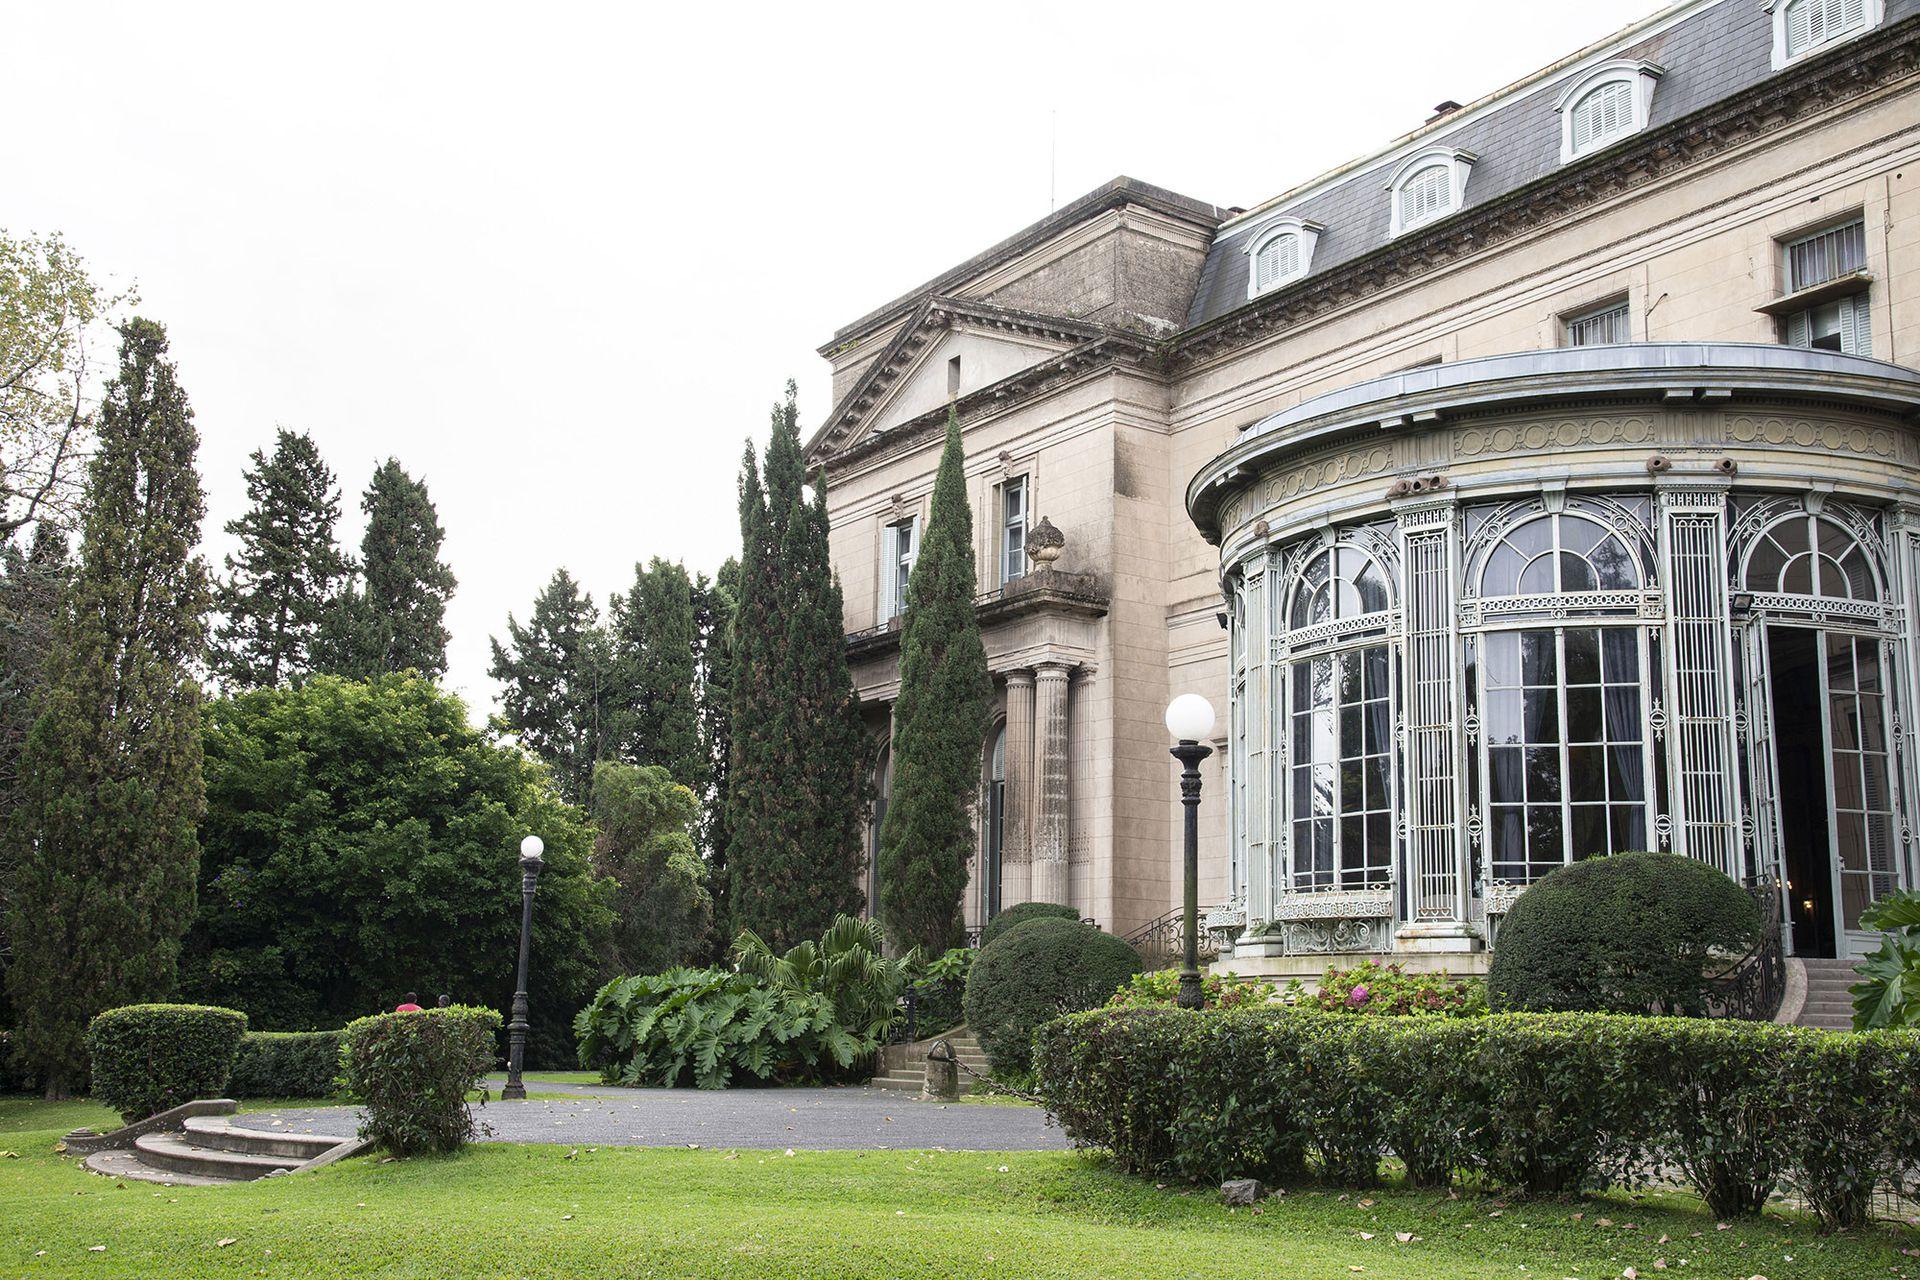 Thays combinó un jardín de estilo mixto en el que combinó ejes y formas clásicas con otras más sueltas y libres.